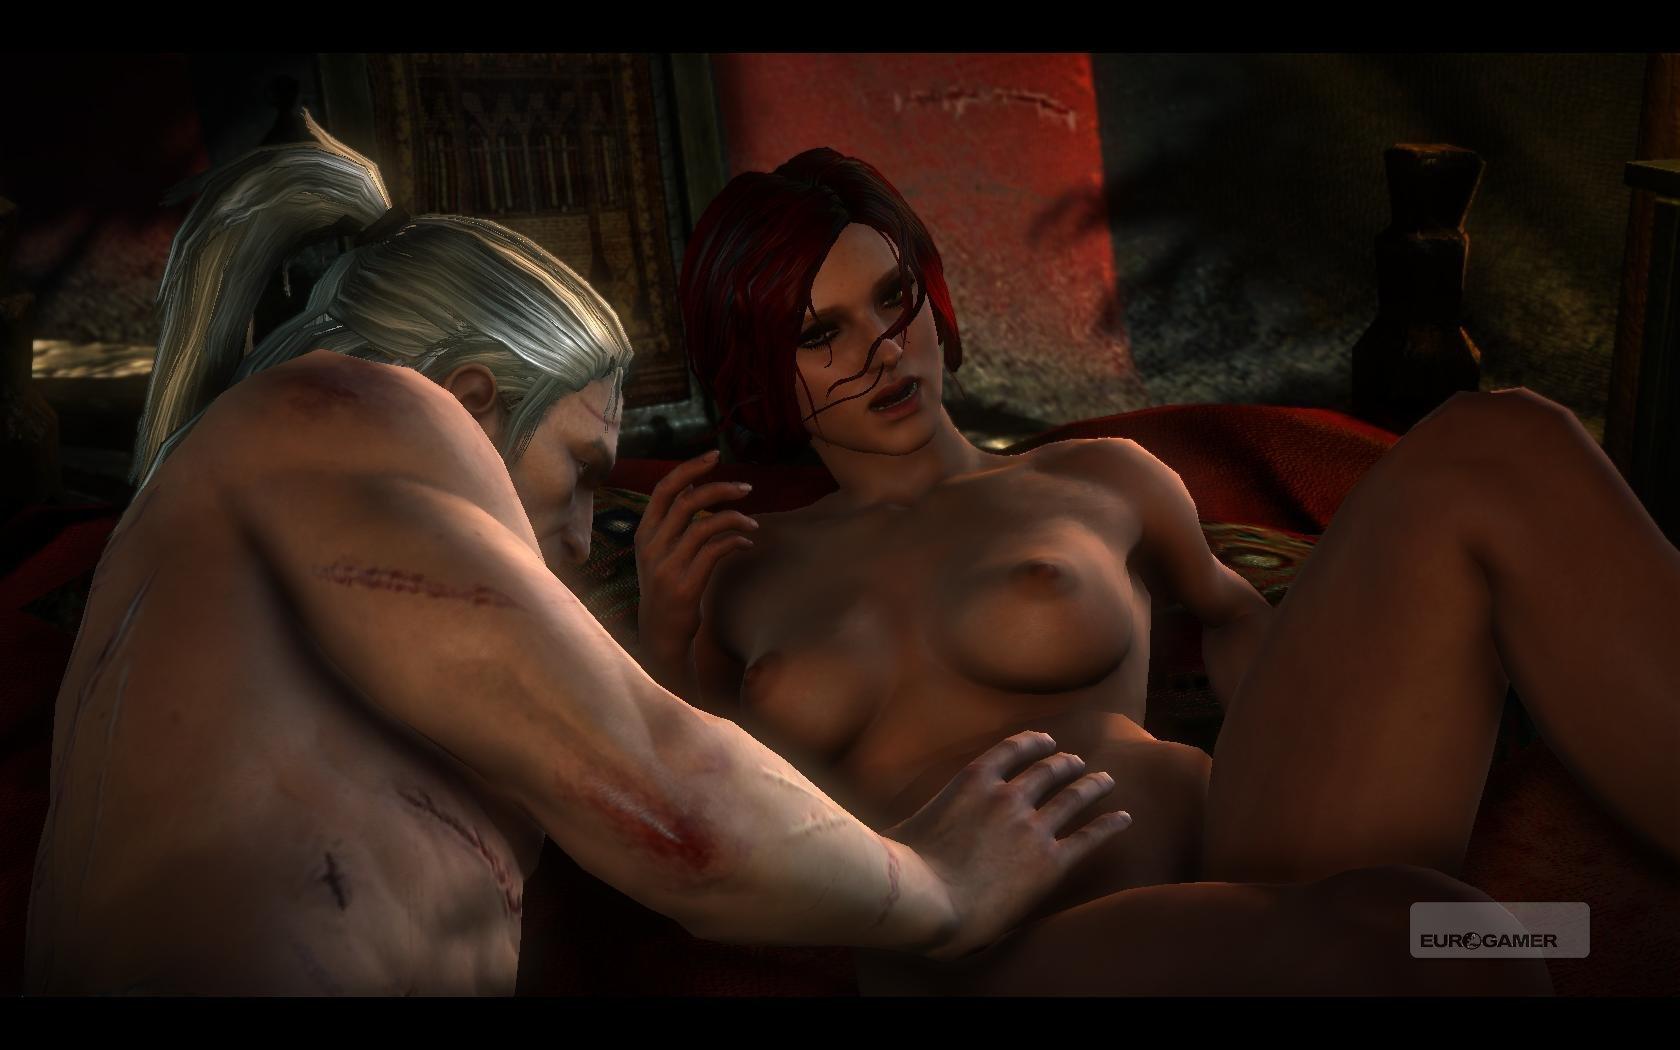 Скриншоты про секс 4 фотография